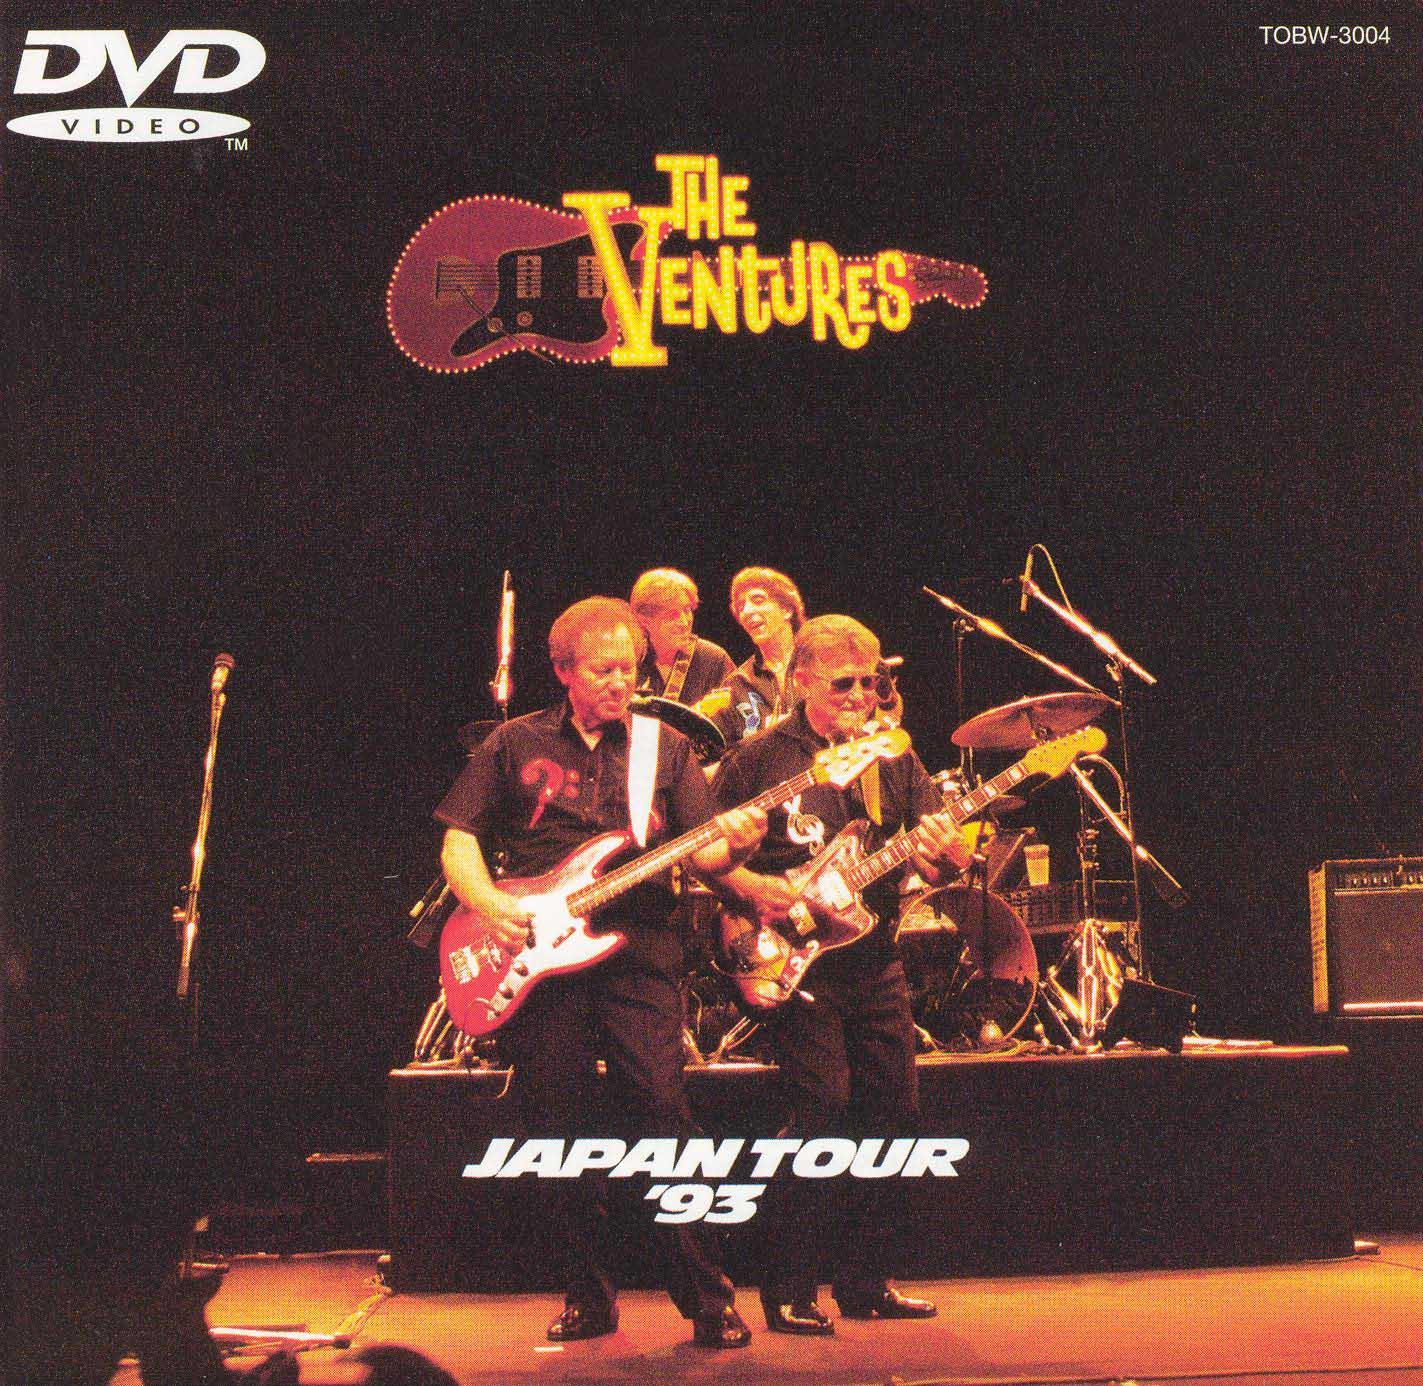 The Ventures: Japan Tour '93